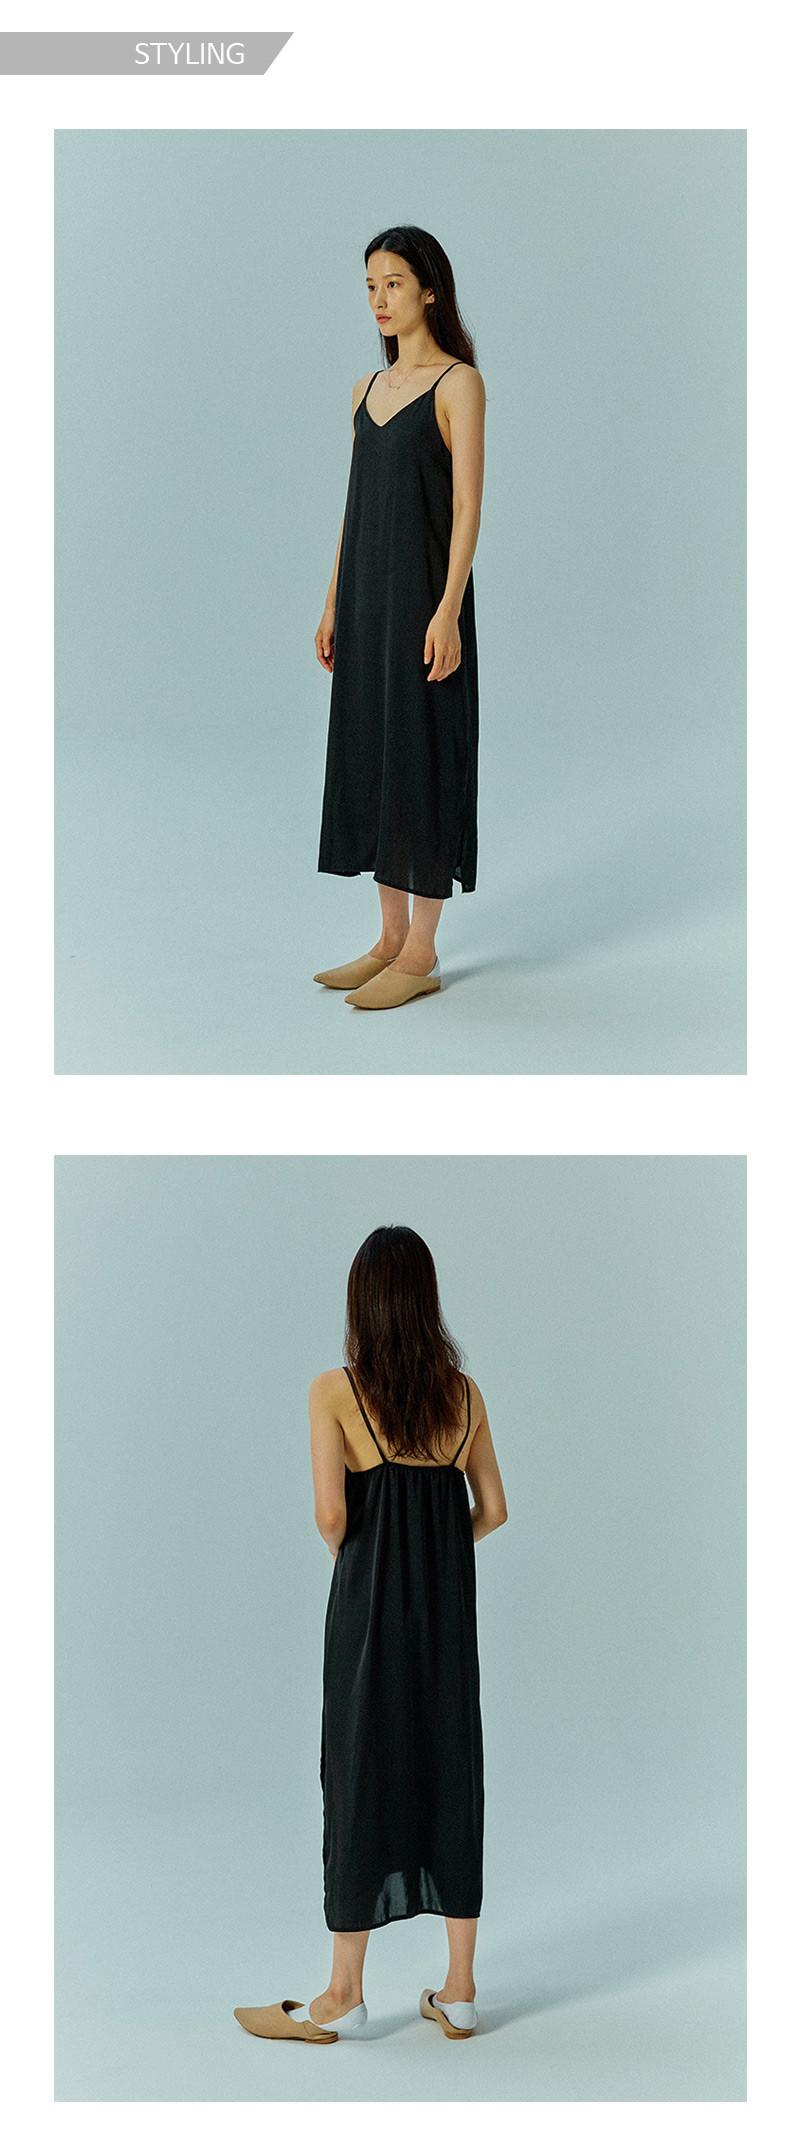 1507 일오공칠 10pack 페이크 삭스 실리콘 BW - 1507(일오공칠), 20,900원, 여성양말, 페이크삭스